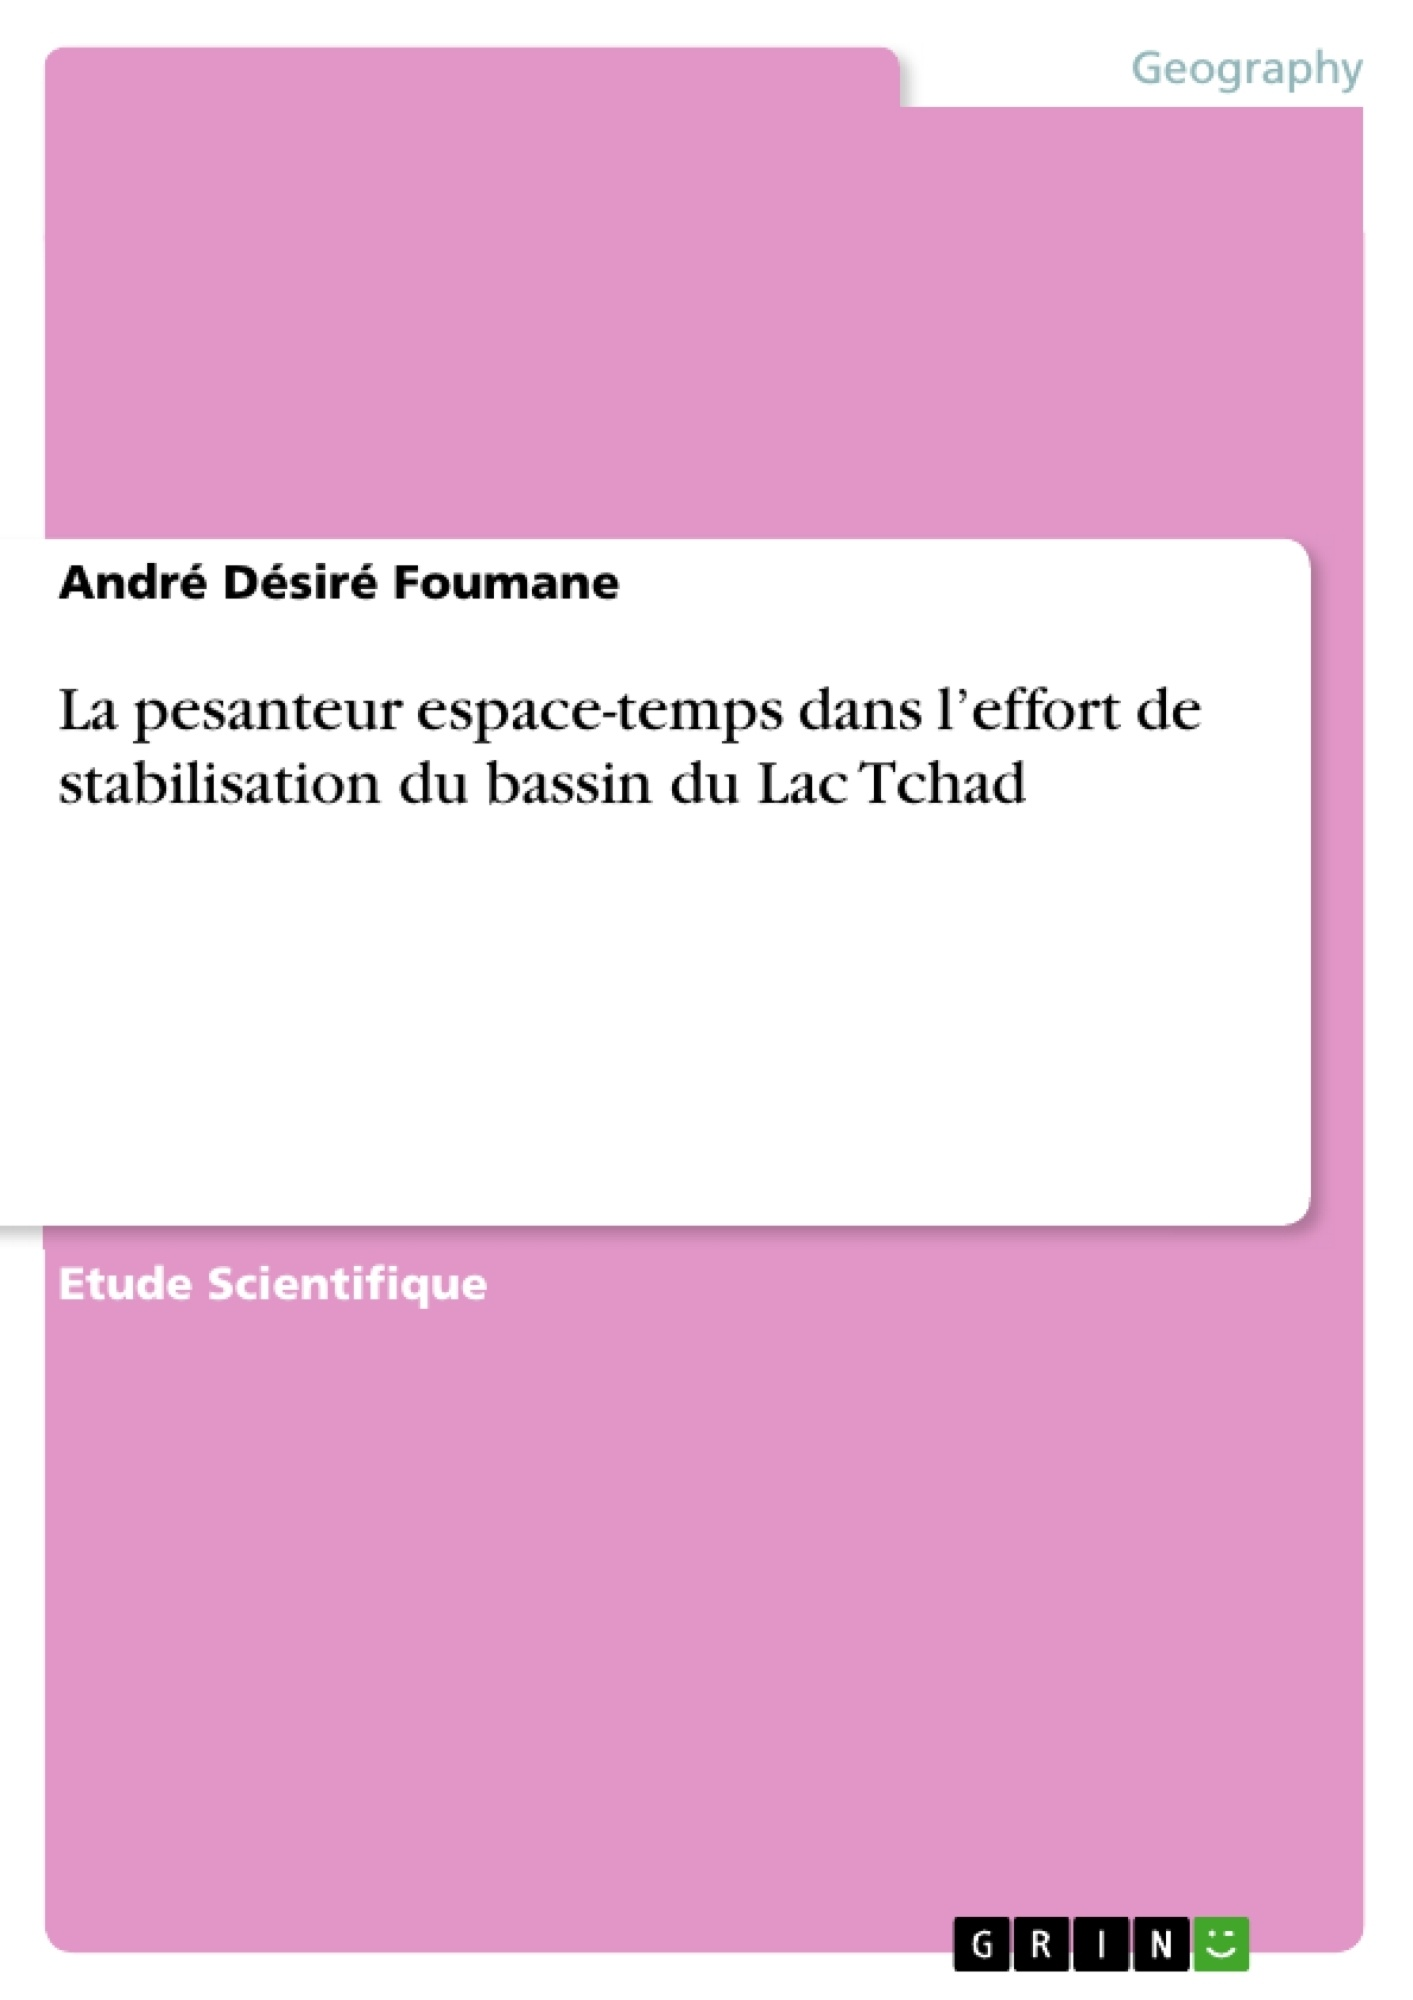 Titre: La pesanteur espace-temps dans l'effort de stabilisation du bassin du Lac Tchad